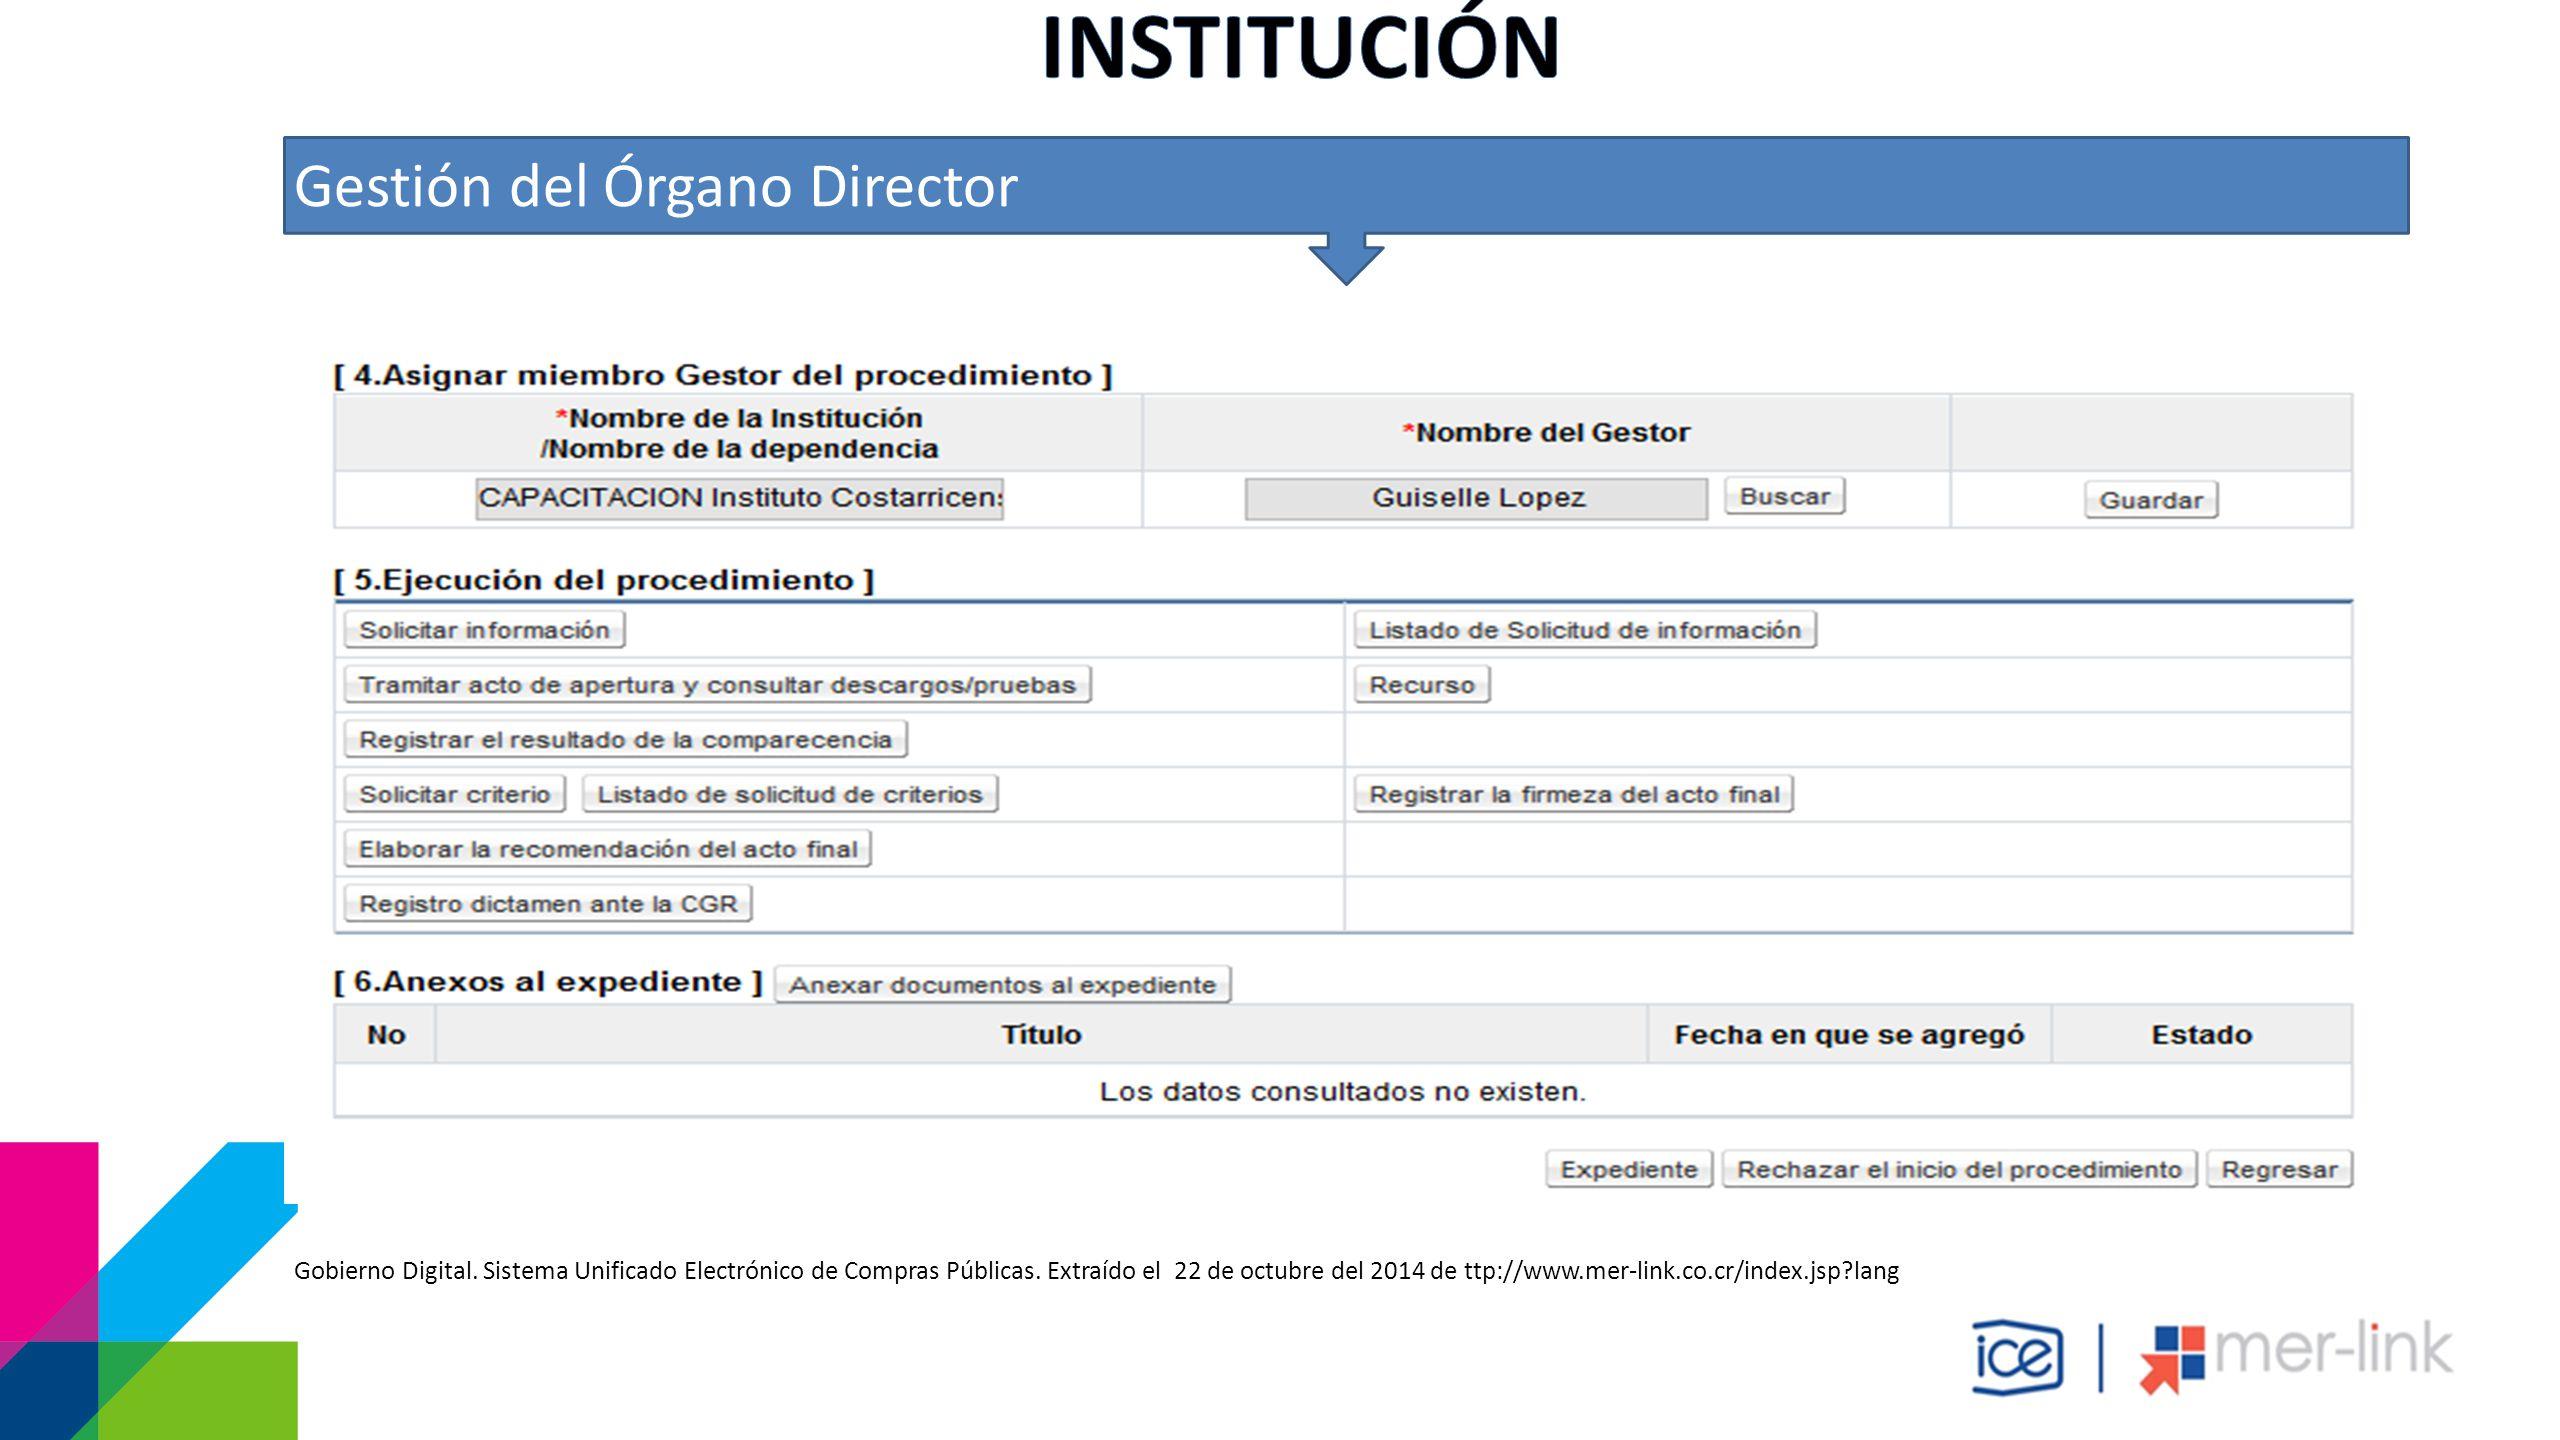 Gestión del Órgano Director Gobierno Digital. Sistema Unificado Electrónico de Compras Públicas.